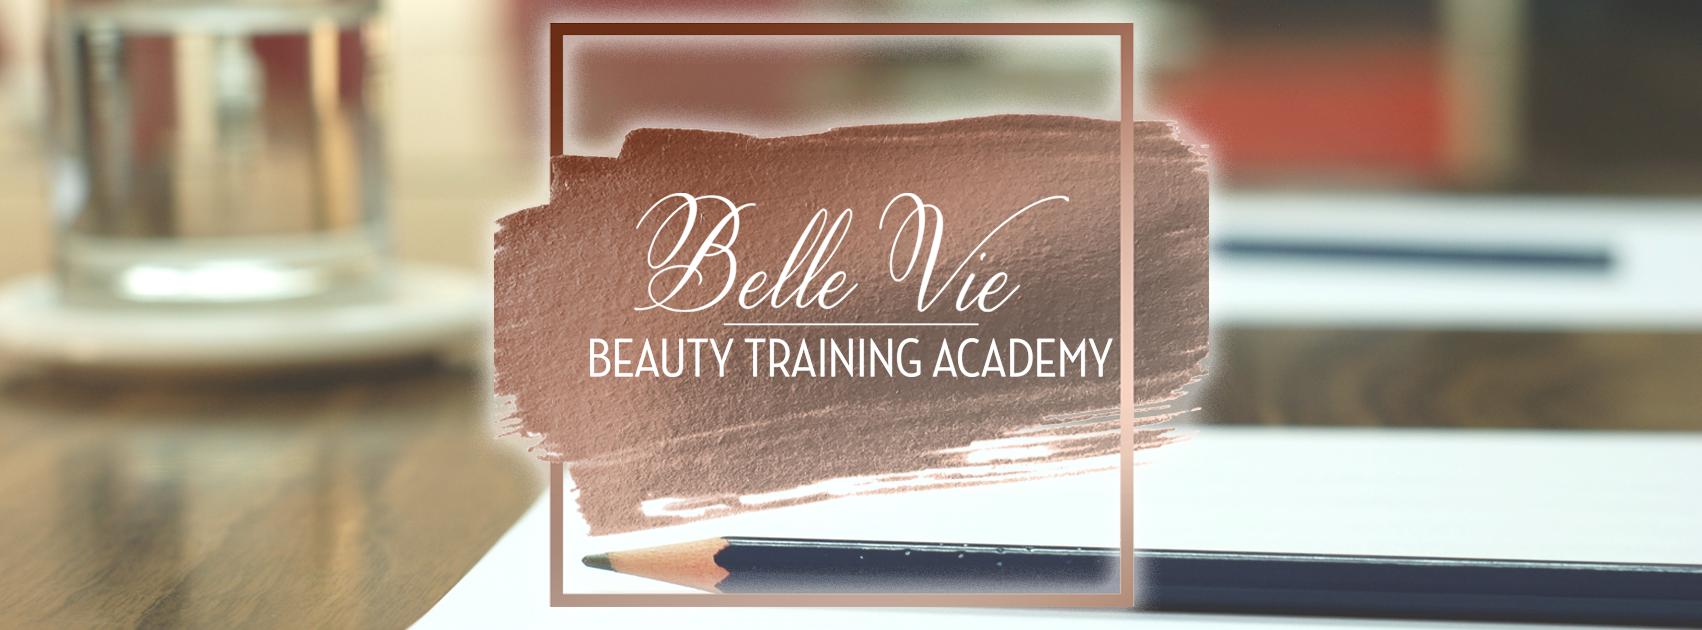 (c) Bellevietraining.co.uk